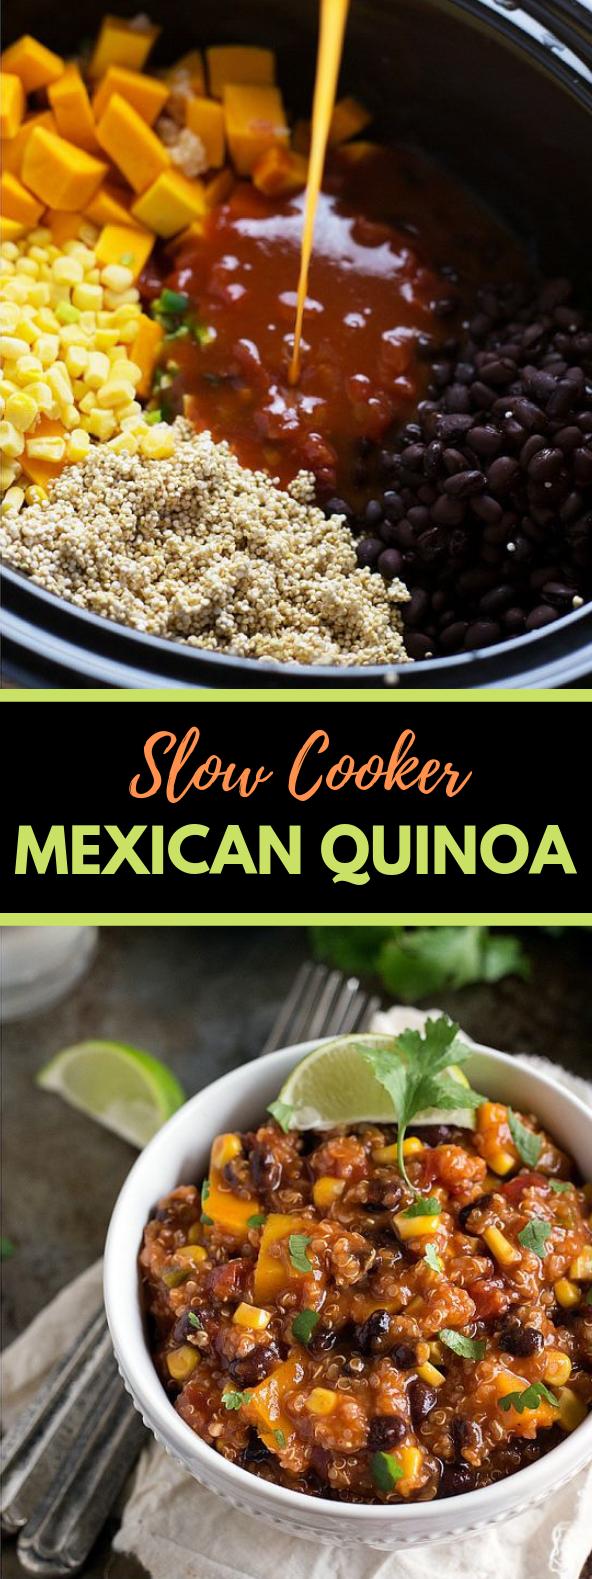 {SLOW COOKER} MEXICAN QUINOA #Vegetarian #Crockpot